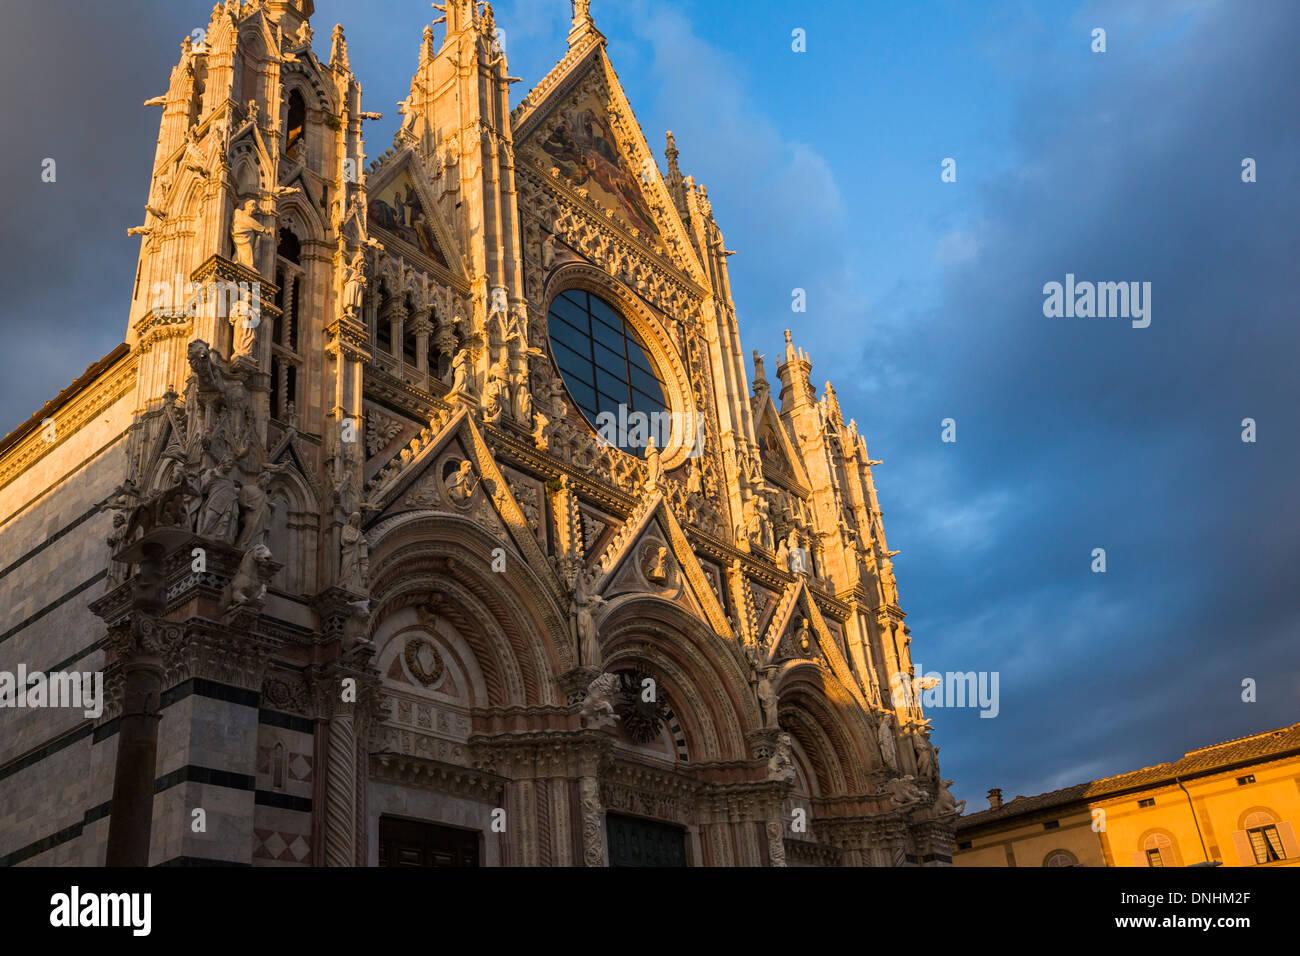 Low angle view of a cathedral, La Cathédrale de Sienne, Sienne, Province de Sienne, Toscane, Italie Banque D'Images